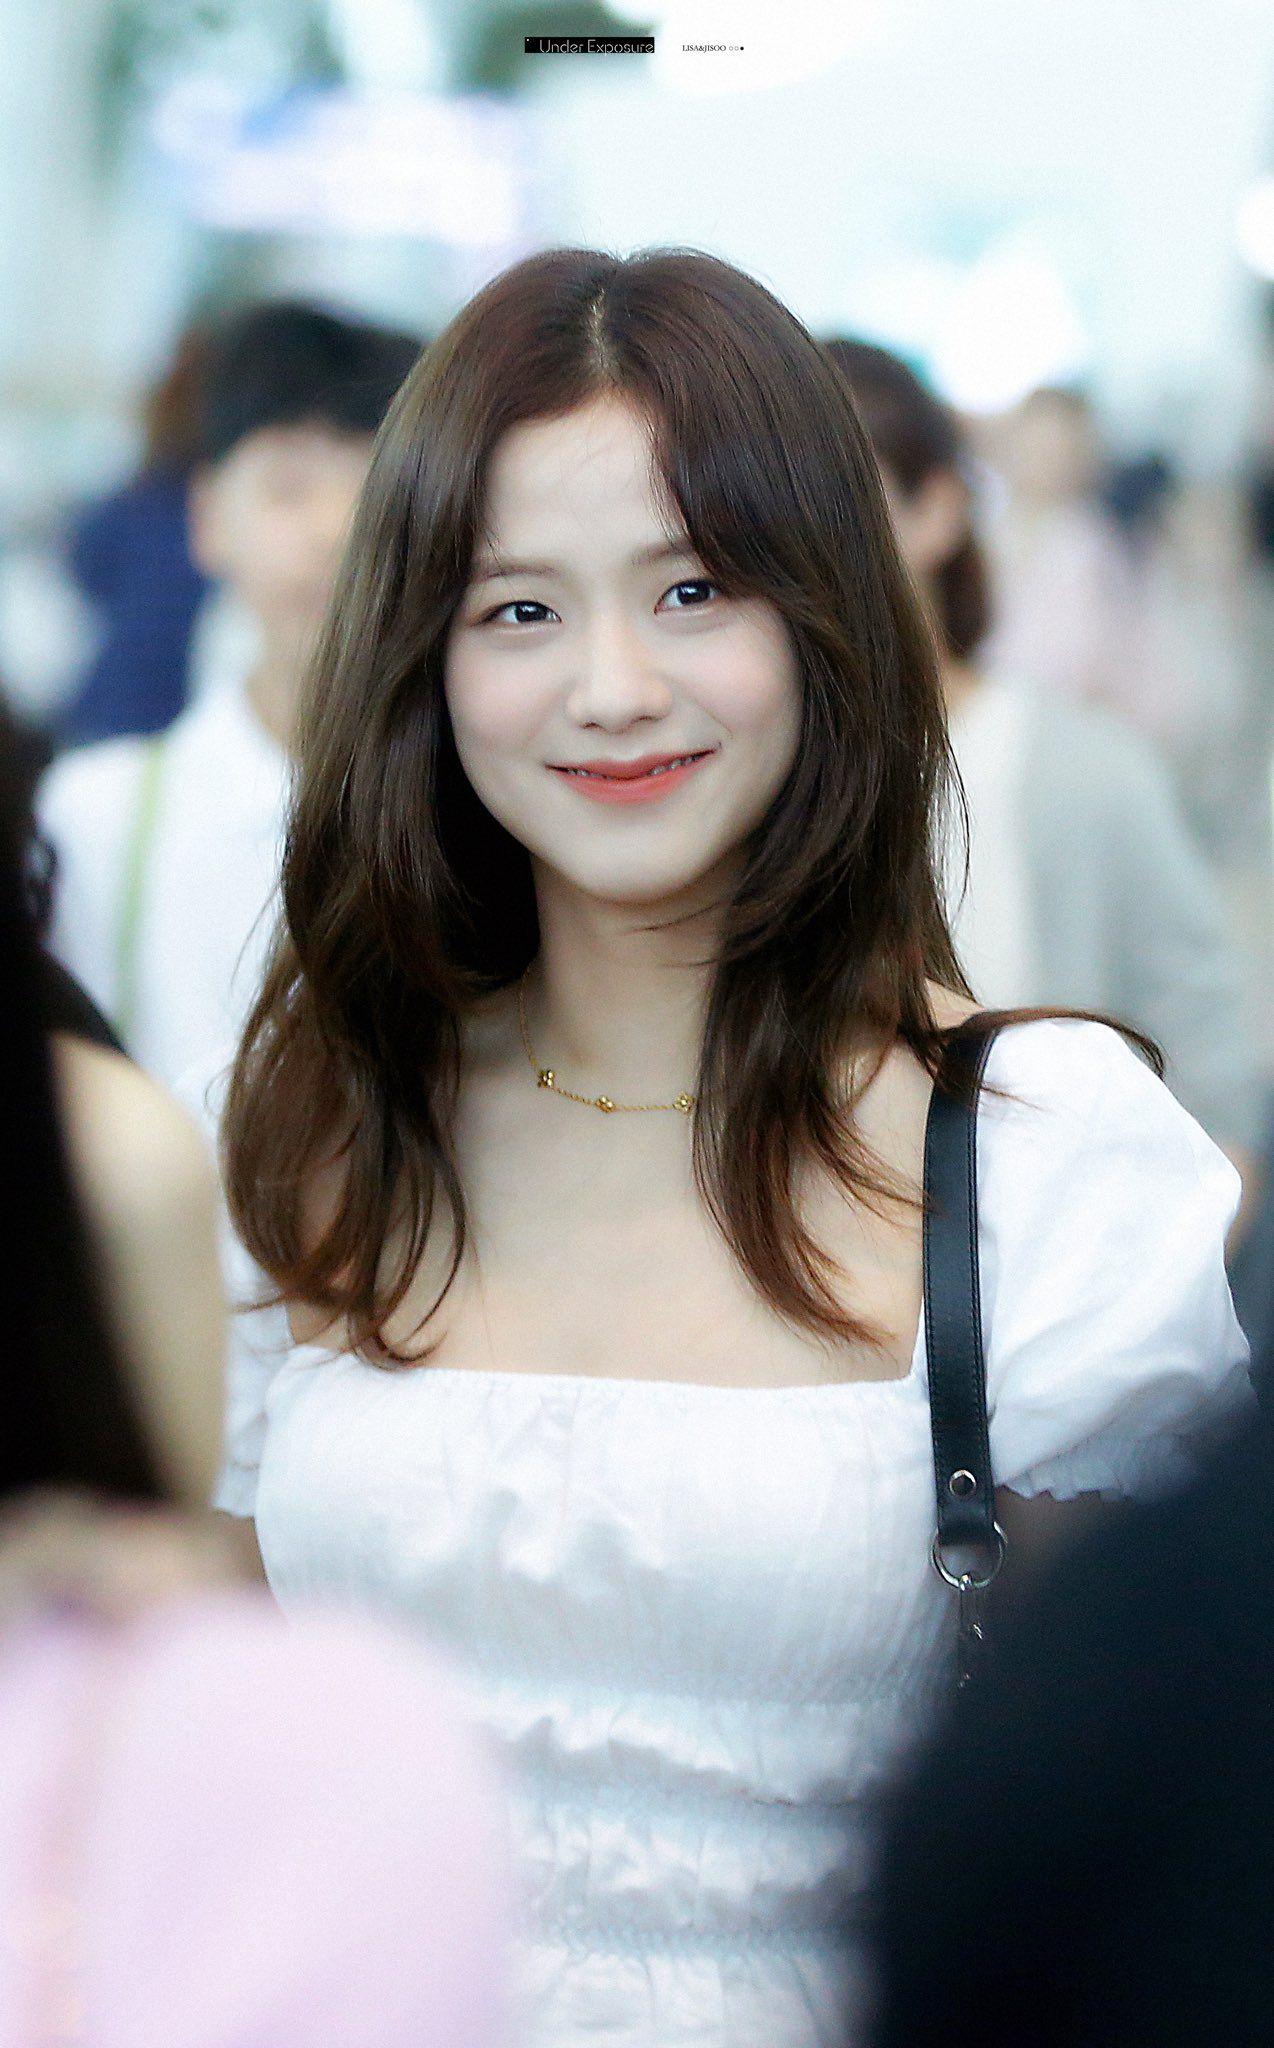 """Đẳng cấp của idol đẹp như Hoa hậu: Jisoo chứng minh khả năng """"cân"""" được mọi màu tóc, từ basic đến khó chiều - Ảnh 1."""